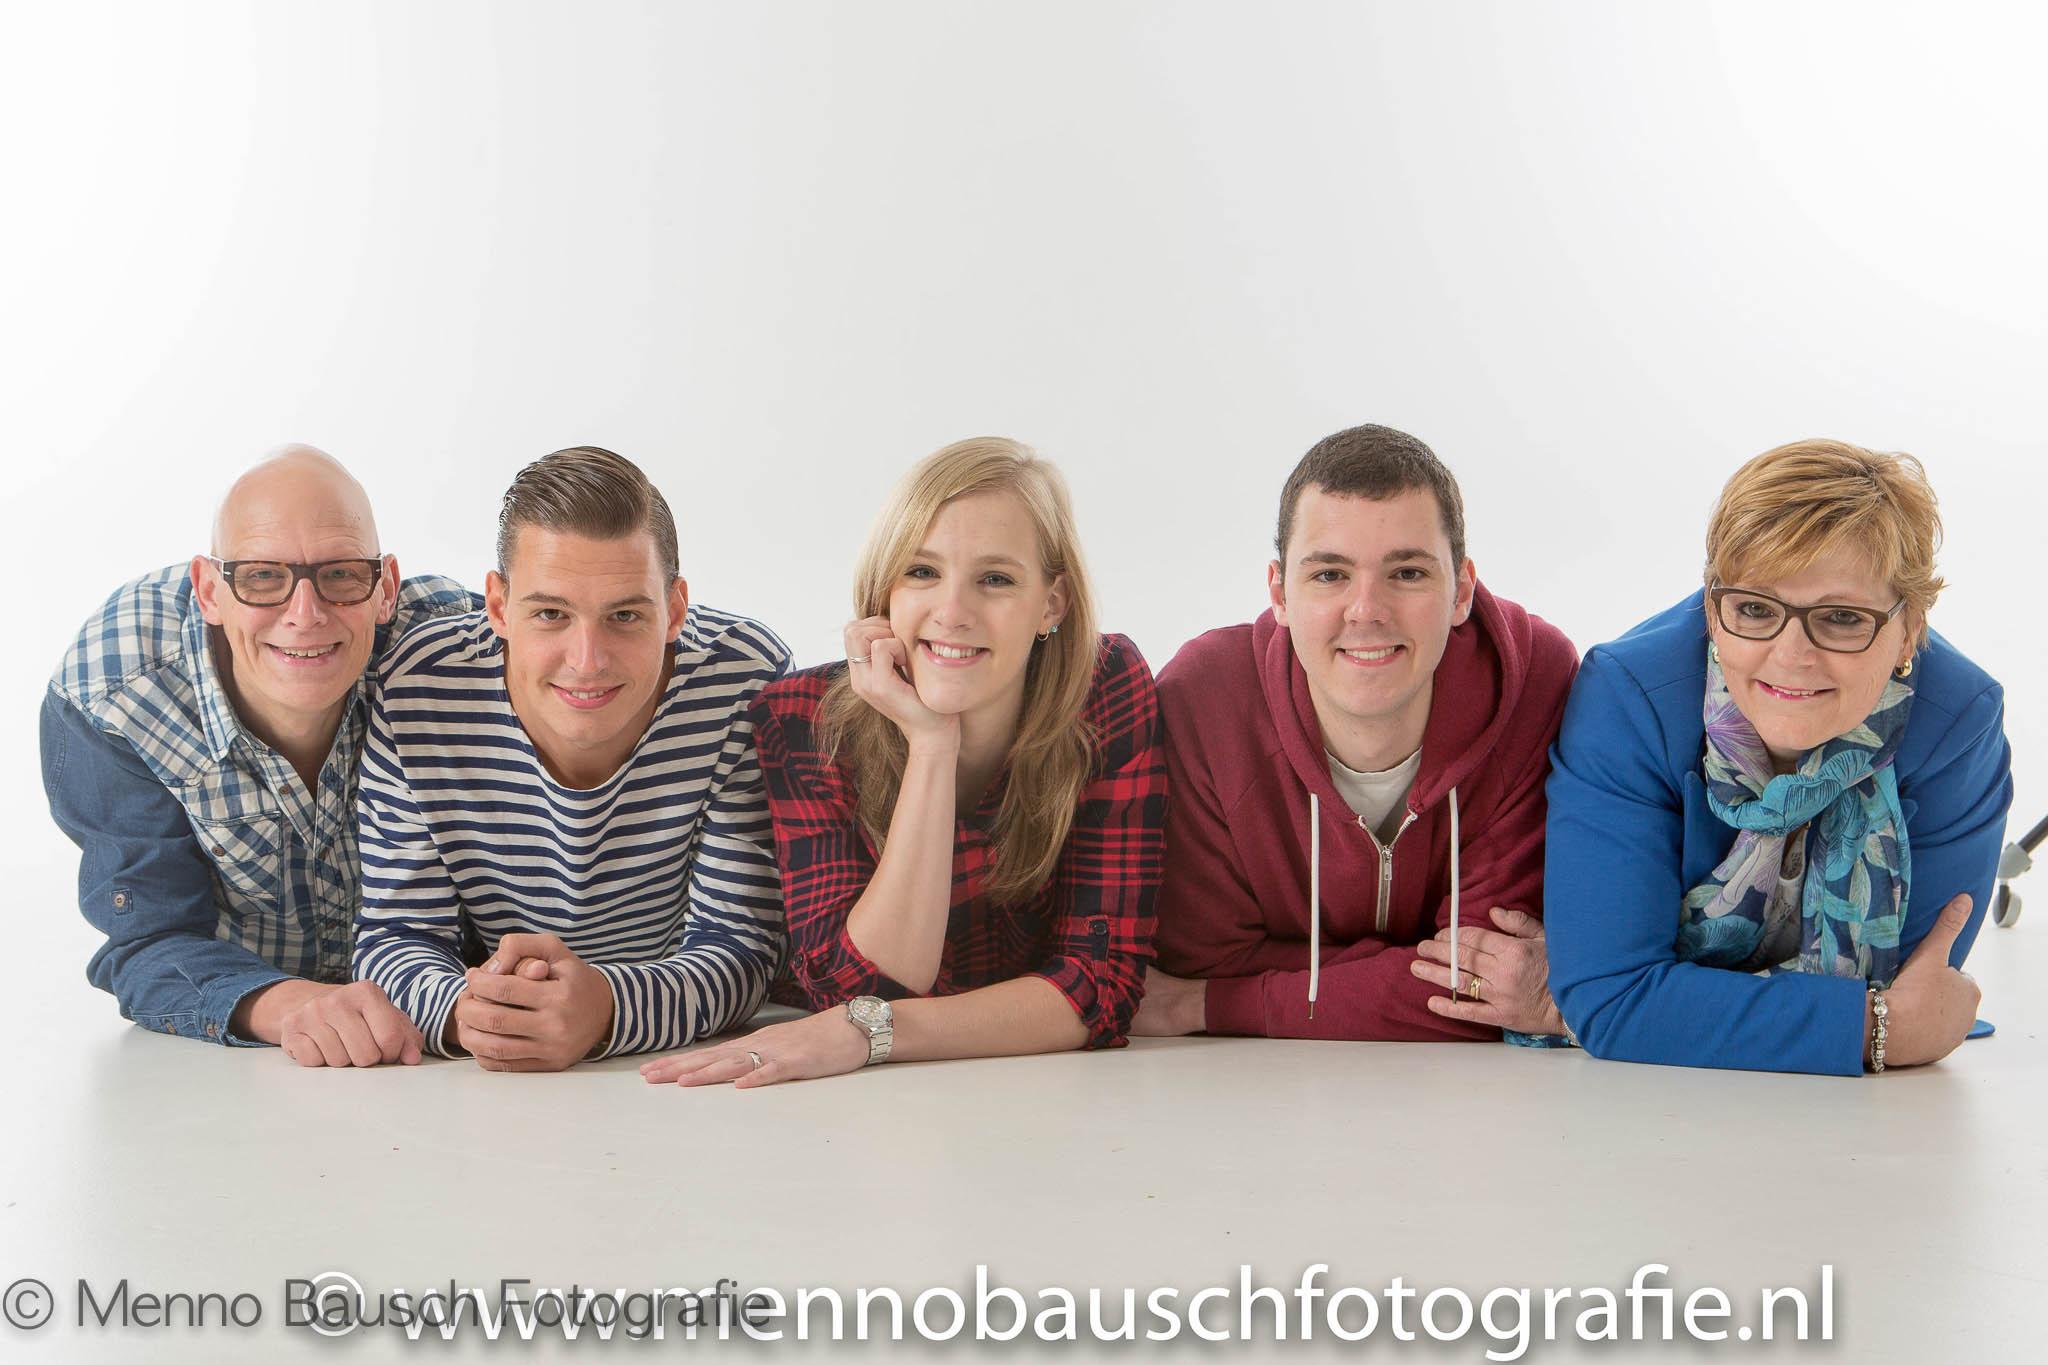 Menno Bausch Fotografie55